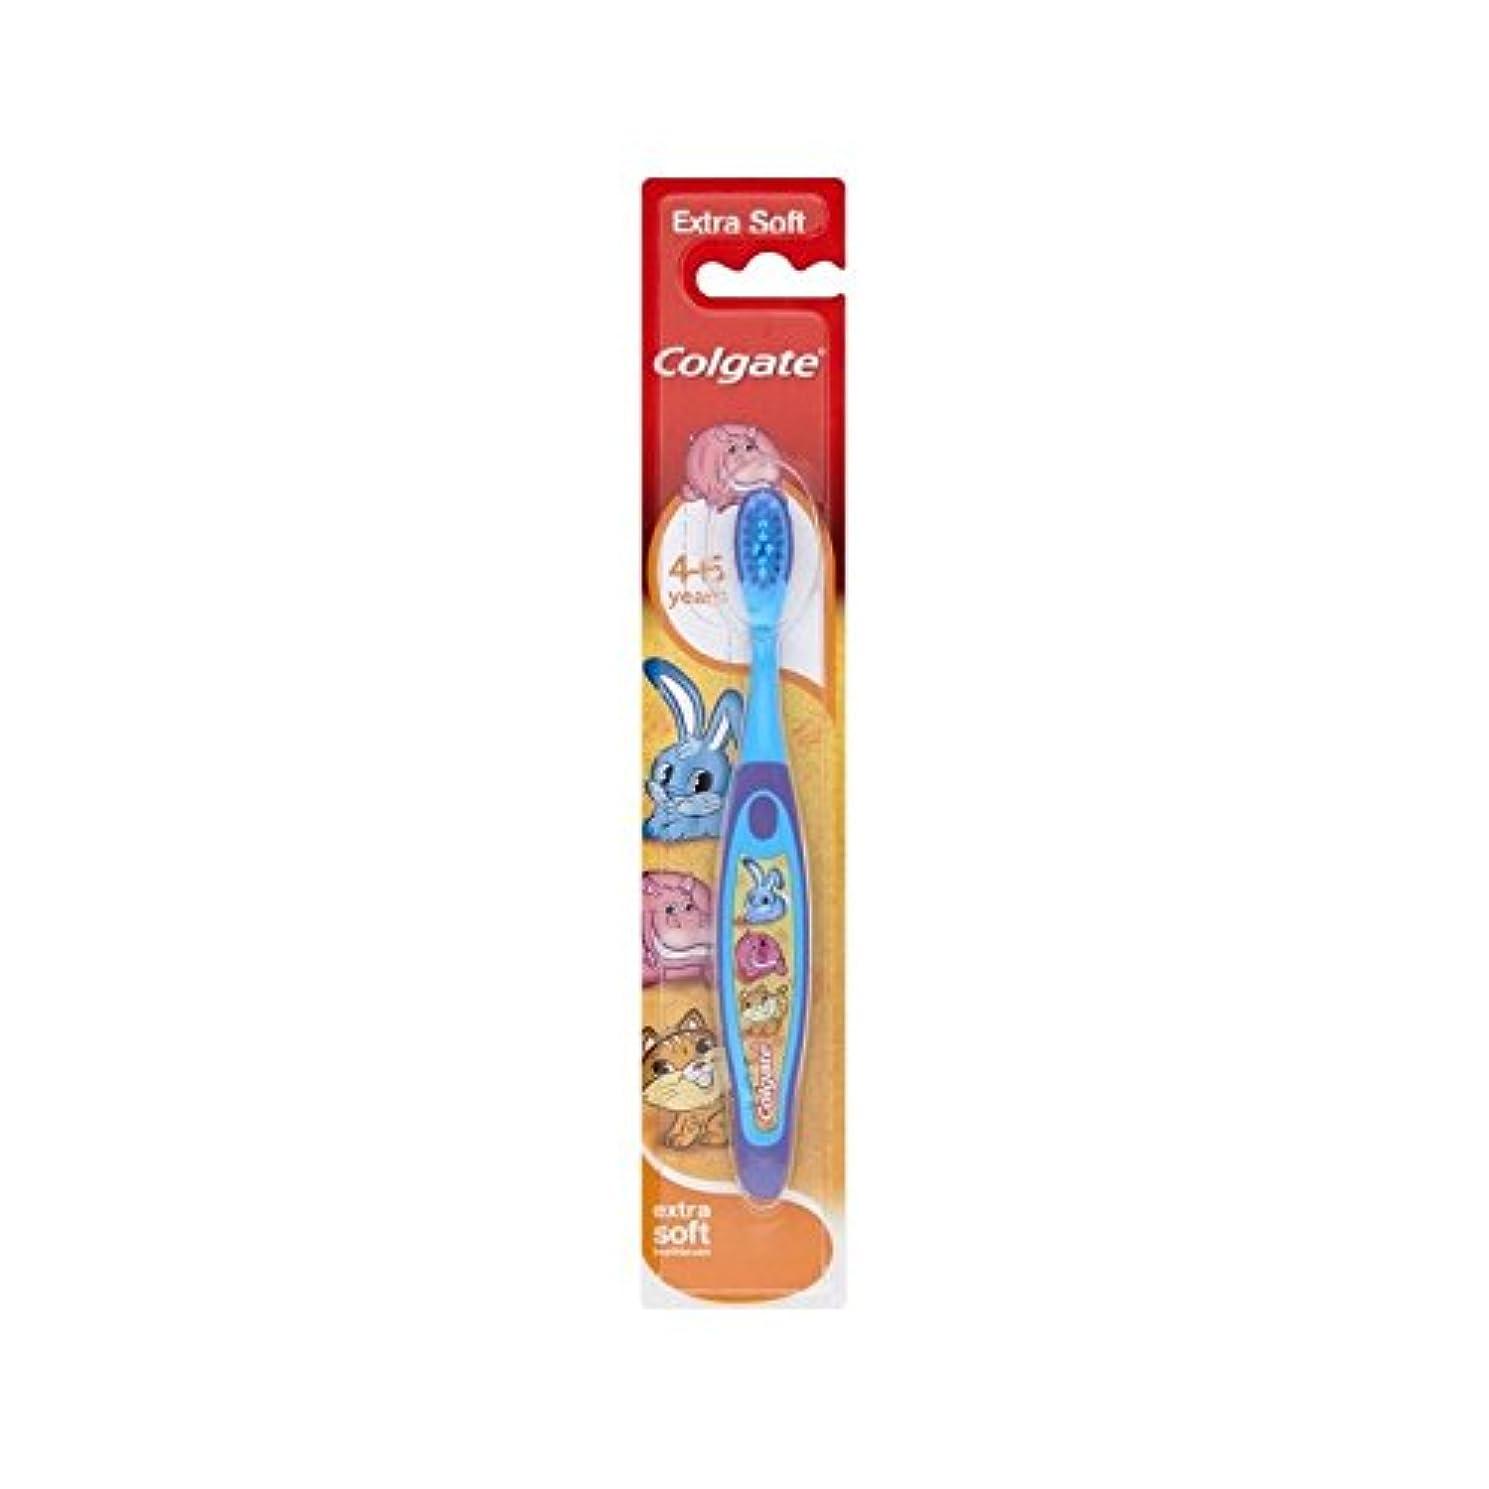 コンテストインゲン沿って4-6歳の歯ブラシを笑顔 (Colgate) (x 2) - Colgate Smiles 4-6 Years Old Toothbrush (Pack of 2) [並行輸入品]